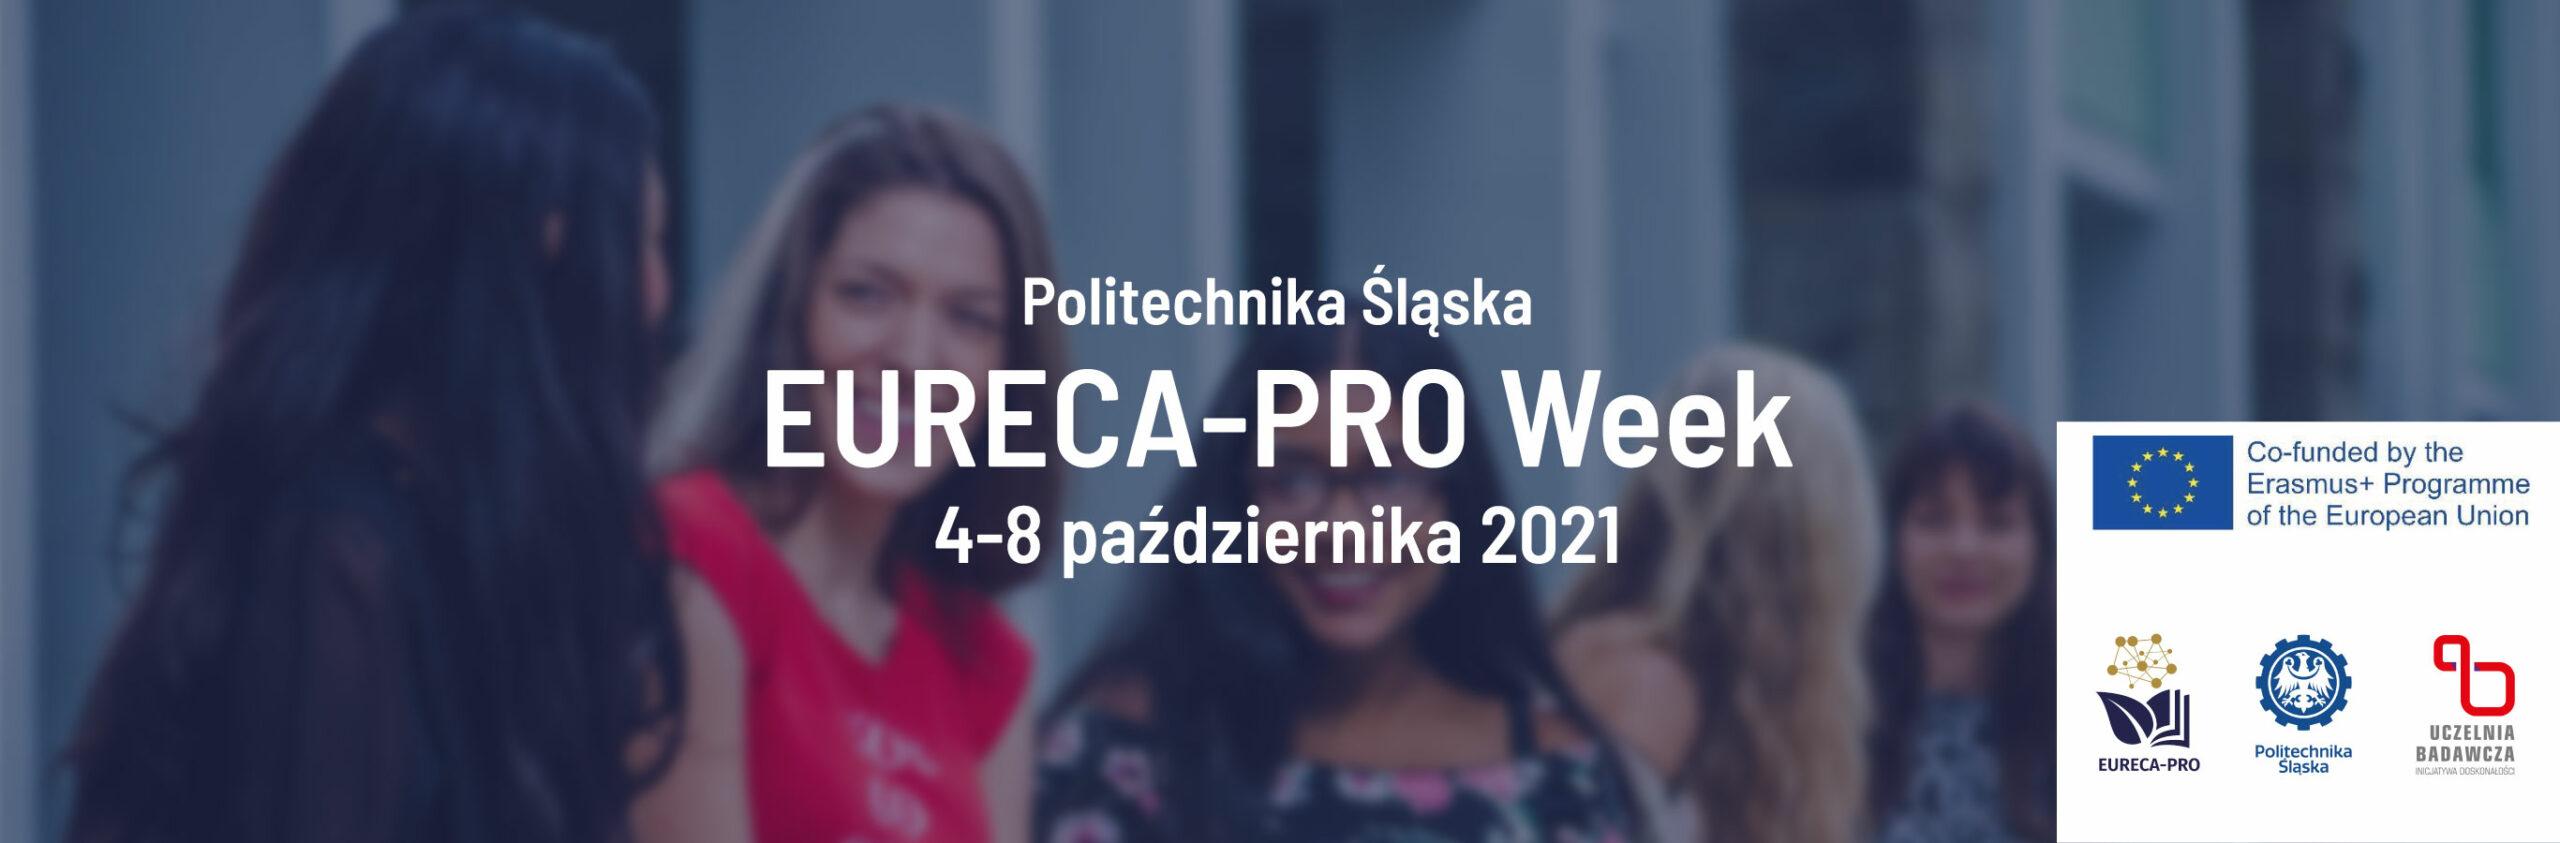 EURECA-PRO Week